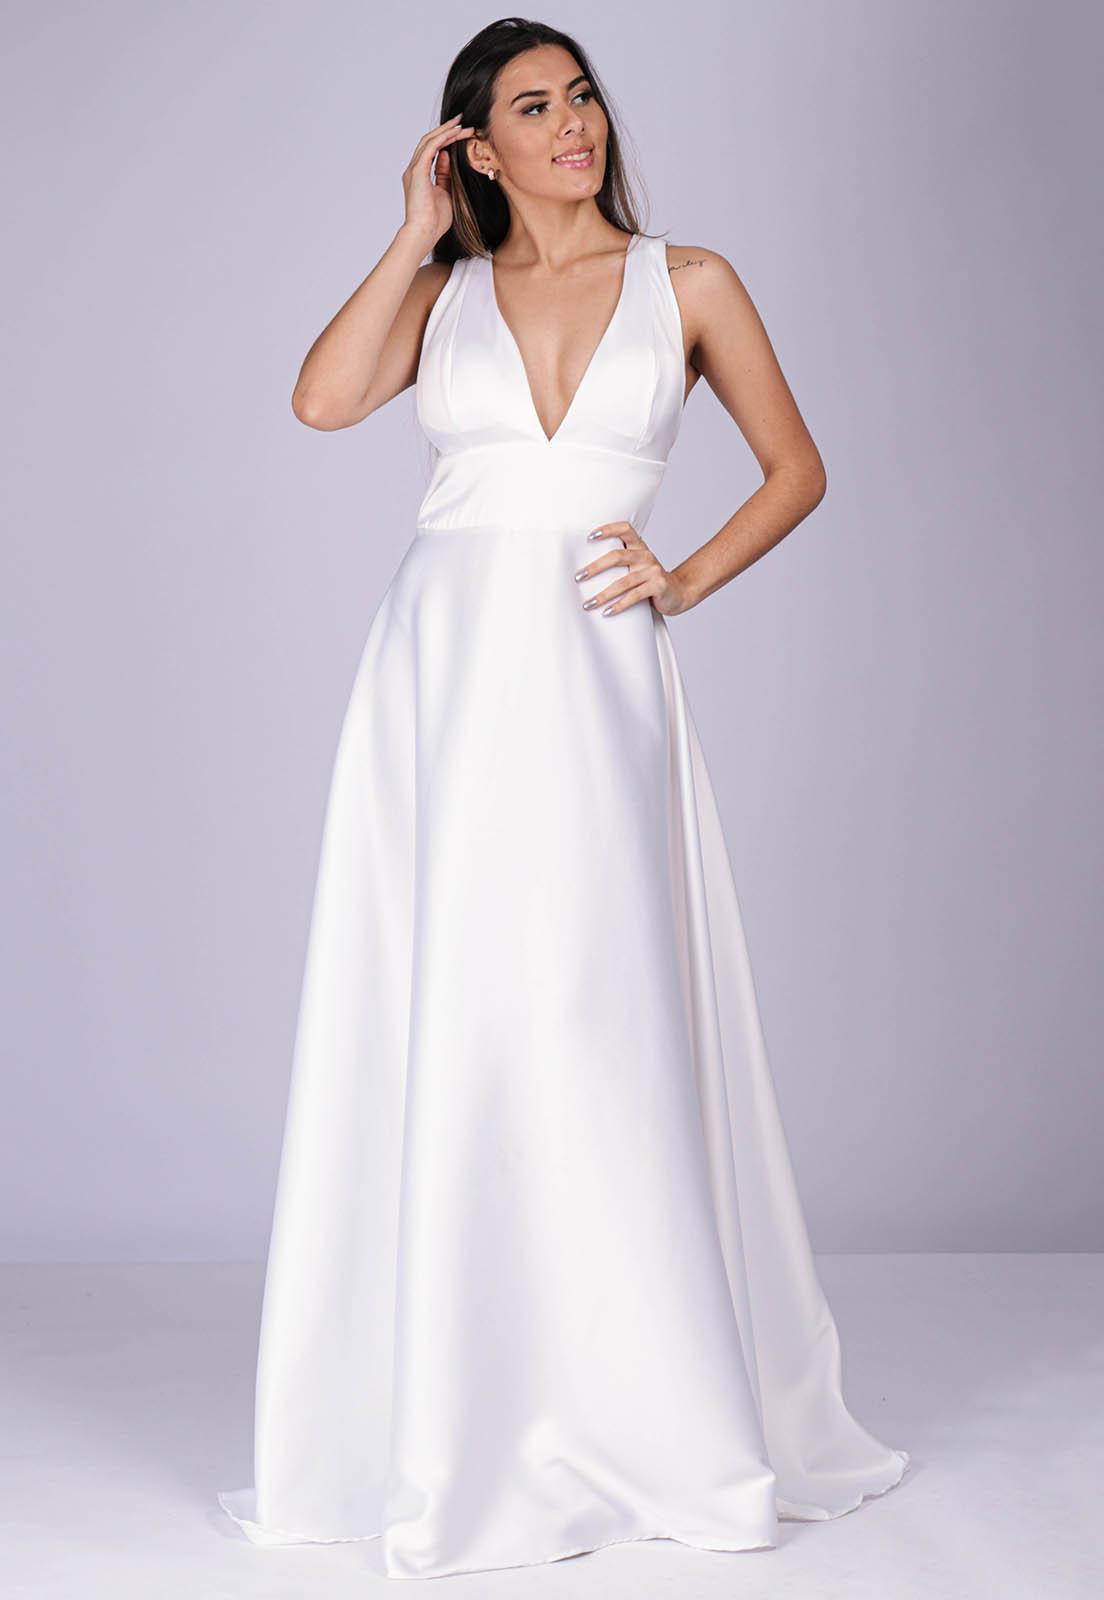 Vestido Longo de Festa New York Branco